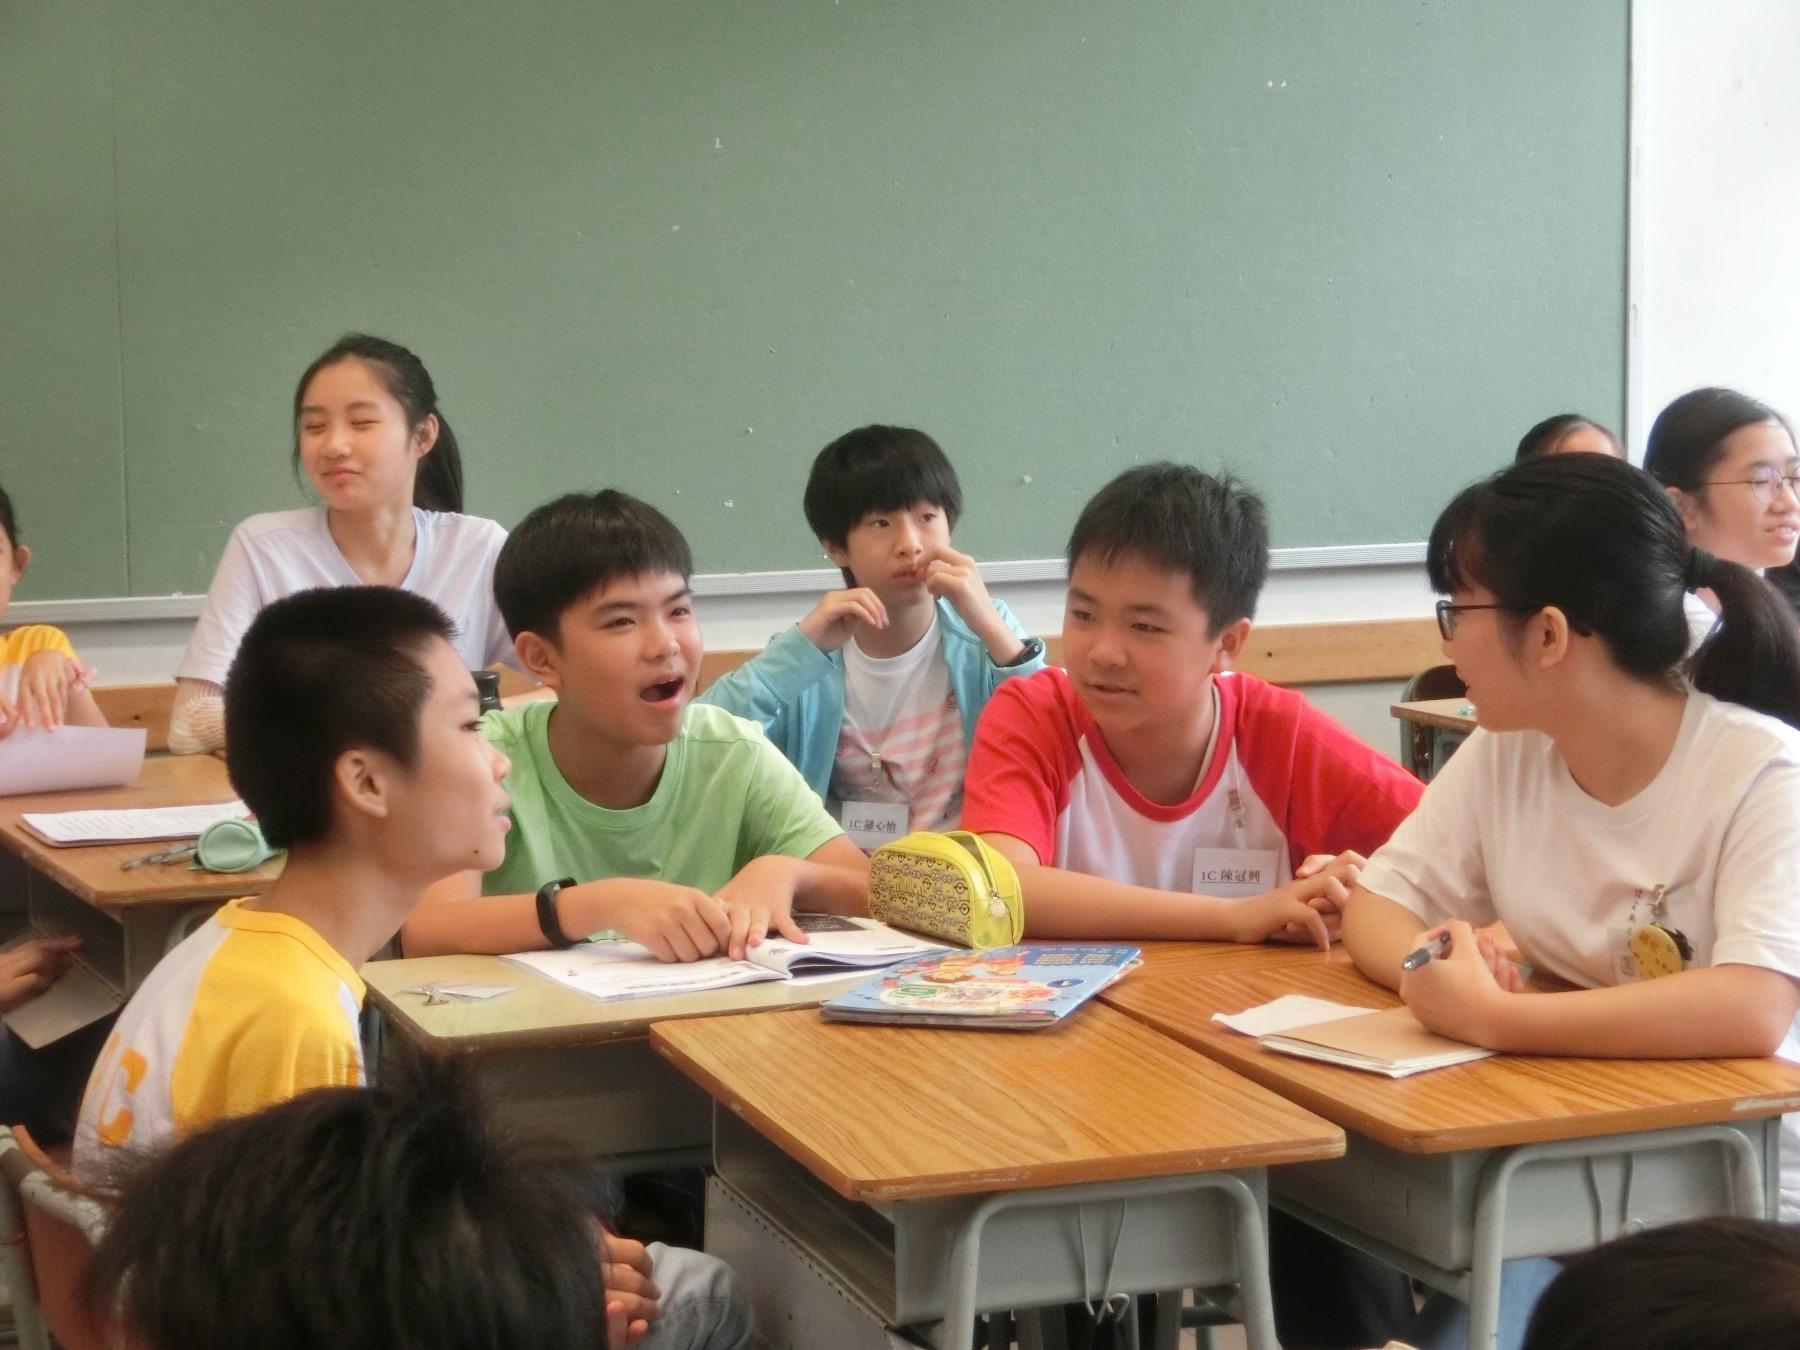 http://www.npc.edu.hk/sites/default/files/1c_dong_dong_nao_jin_da_bi_pin_01.jpg